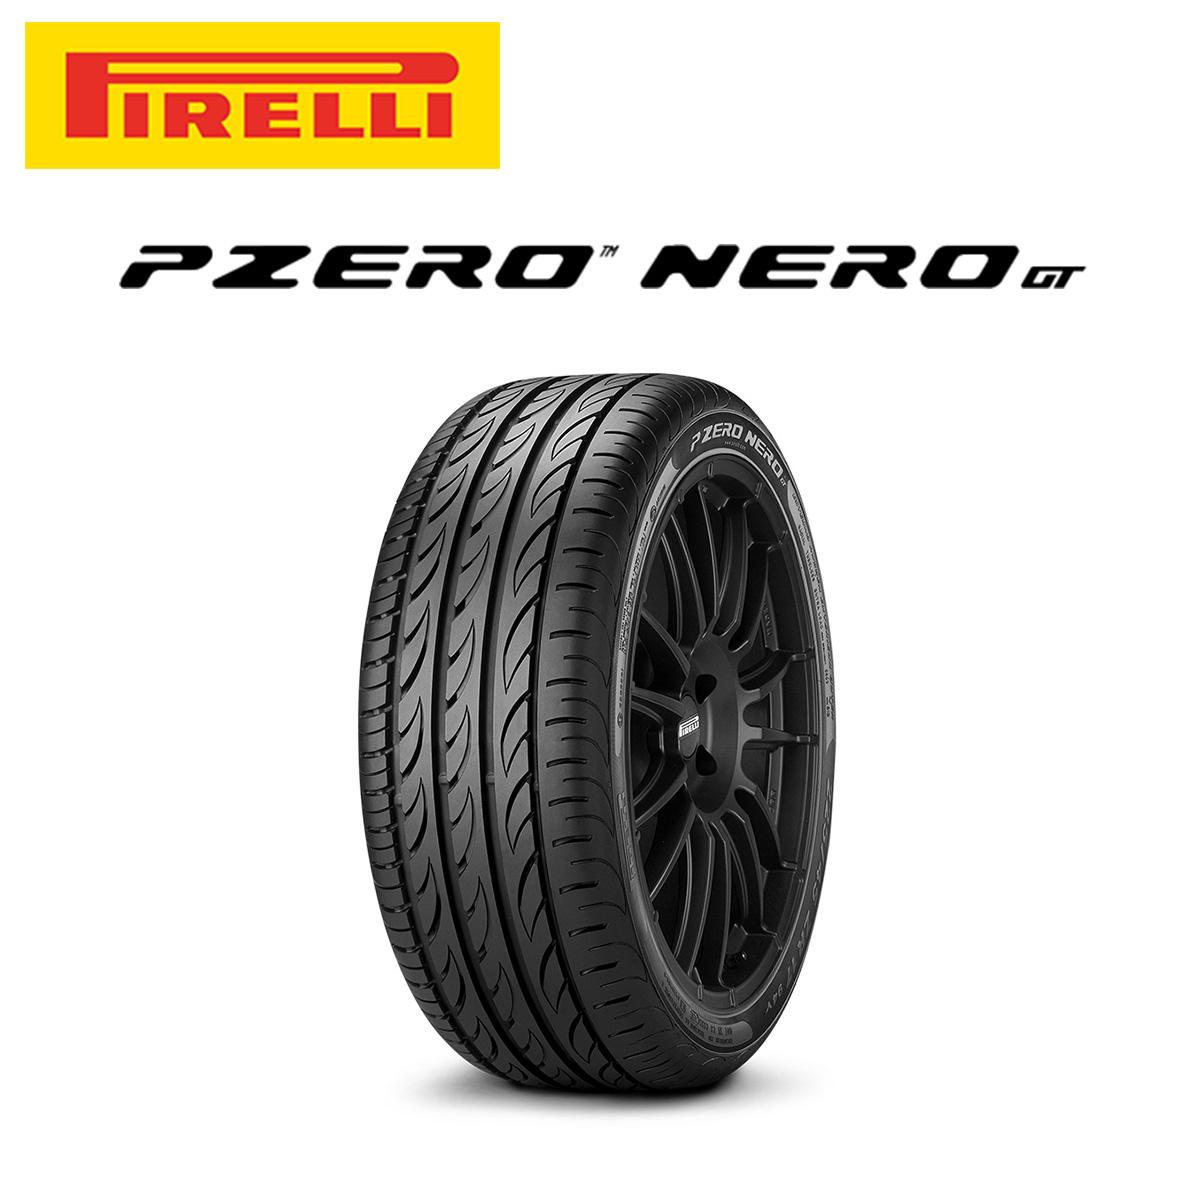 ピレリ PIRELLI P ZERO NERO GT ピーゼロネロ ジーティ 20インチ サマー タイヤ 4本 セット 285/25ZR20 93Y XL EXTRA LOAD規格 ロープロファイルタイヤシリーズ 2386100